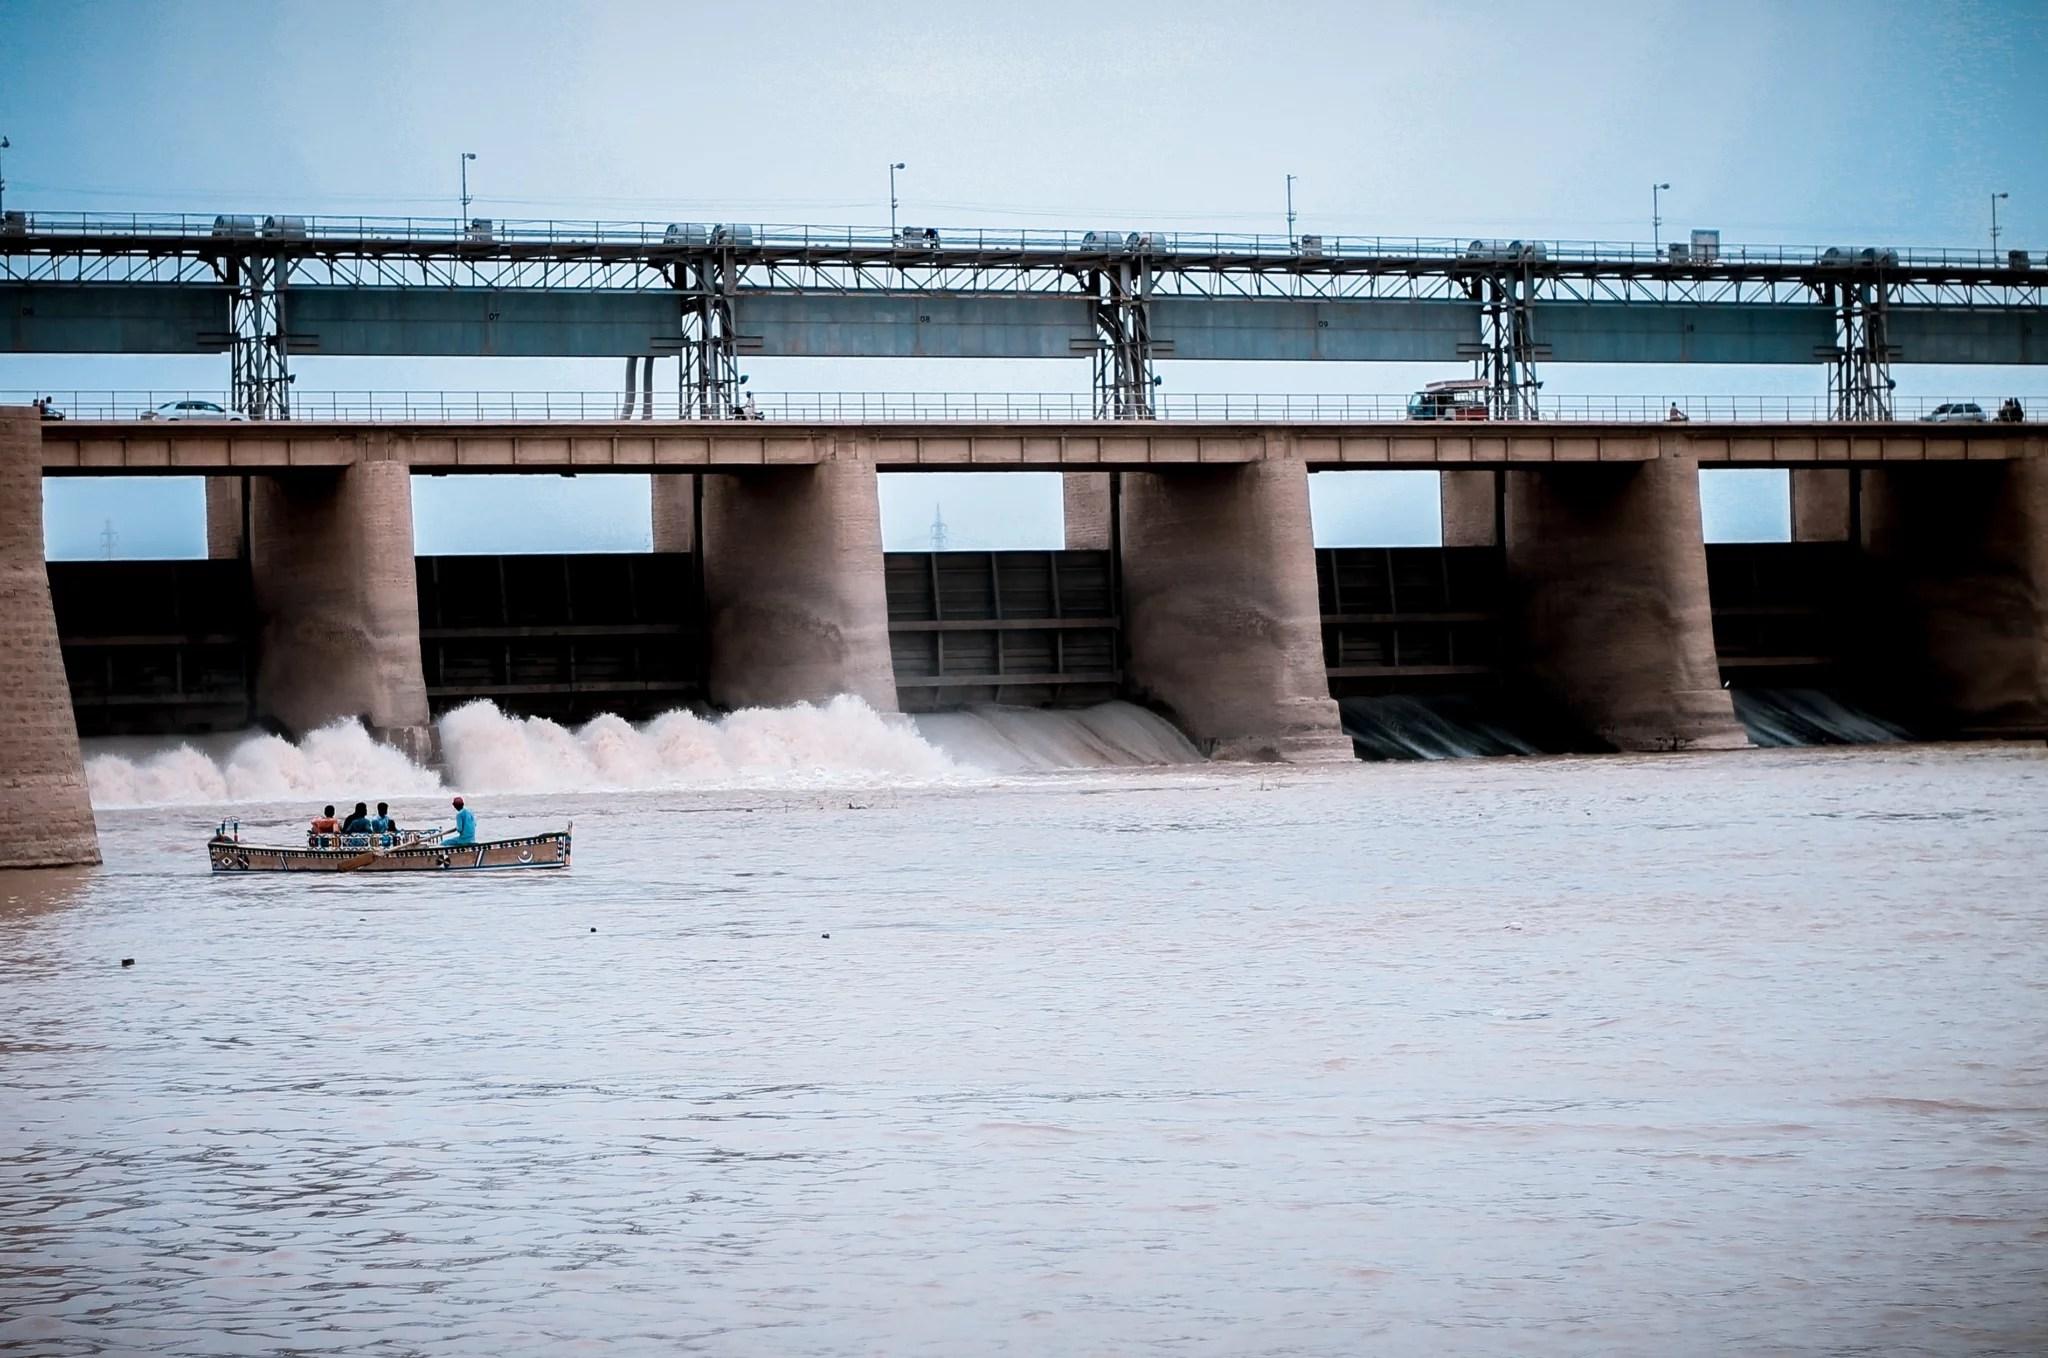 Represa hidroeléctrica en Nueva York será convertida en granja minera de criptomonedas